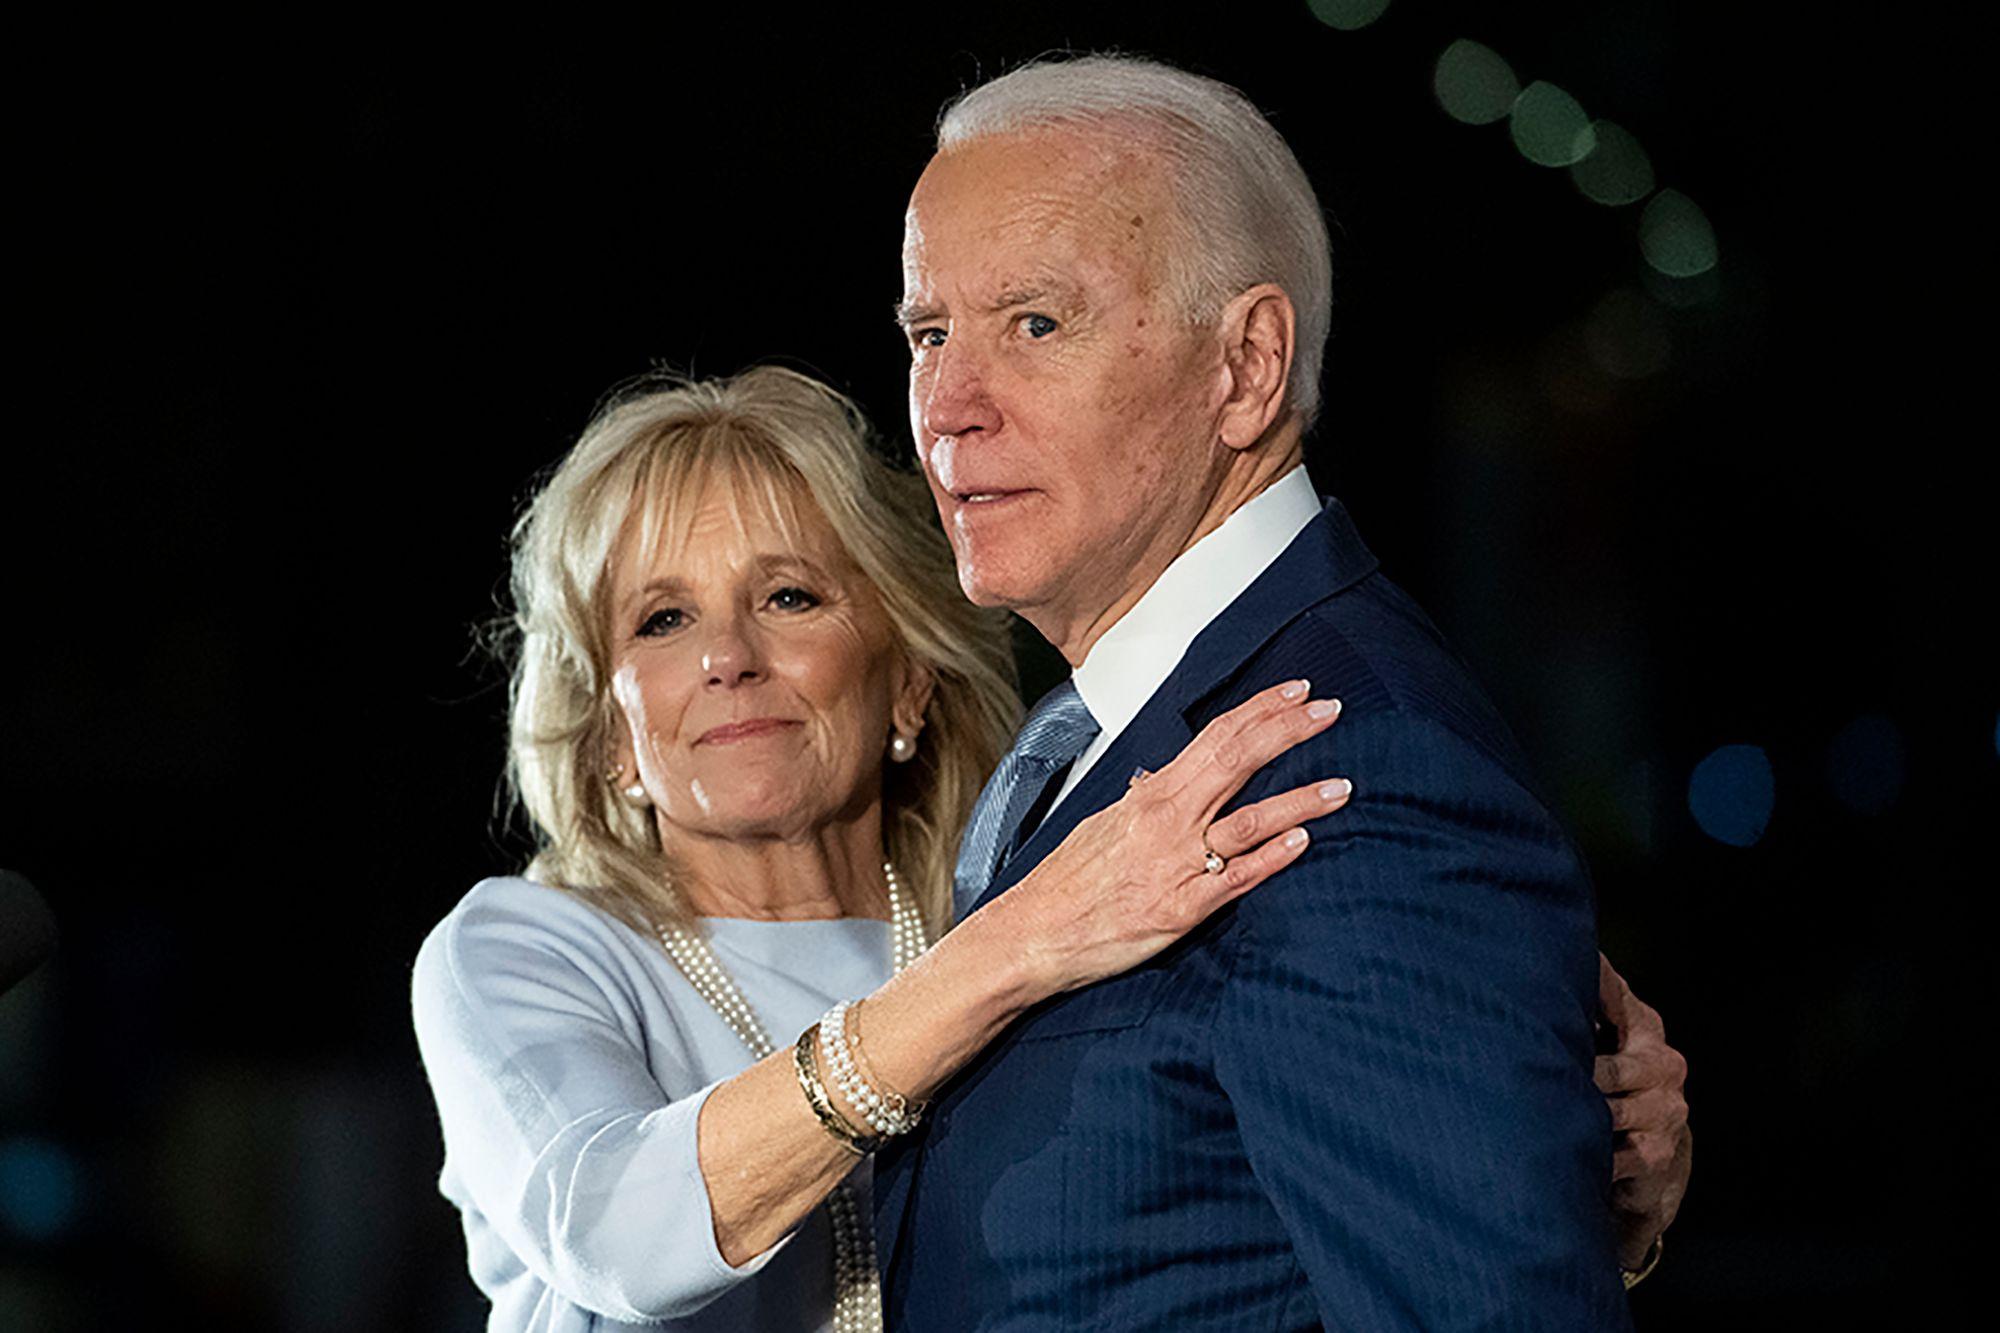 """Ông Joe Biden và chuyện tình sau """"đống đổ nát của những mất mát"""" với người vợ chung sống 43 năm - Ảnh 3"""